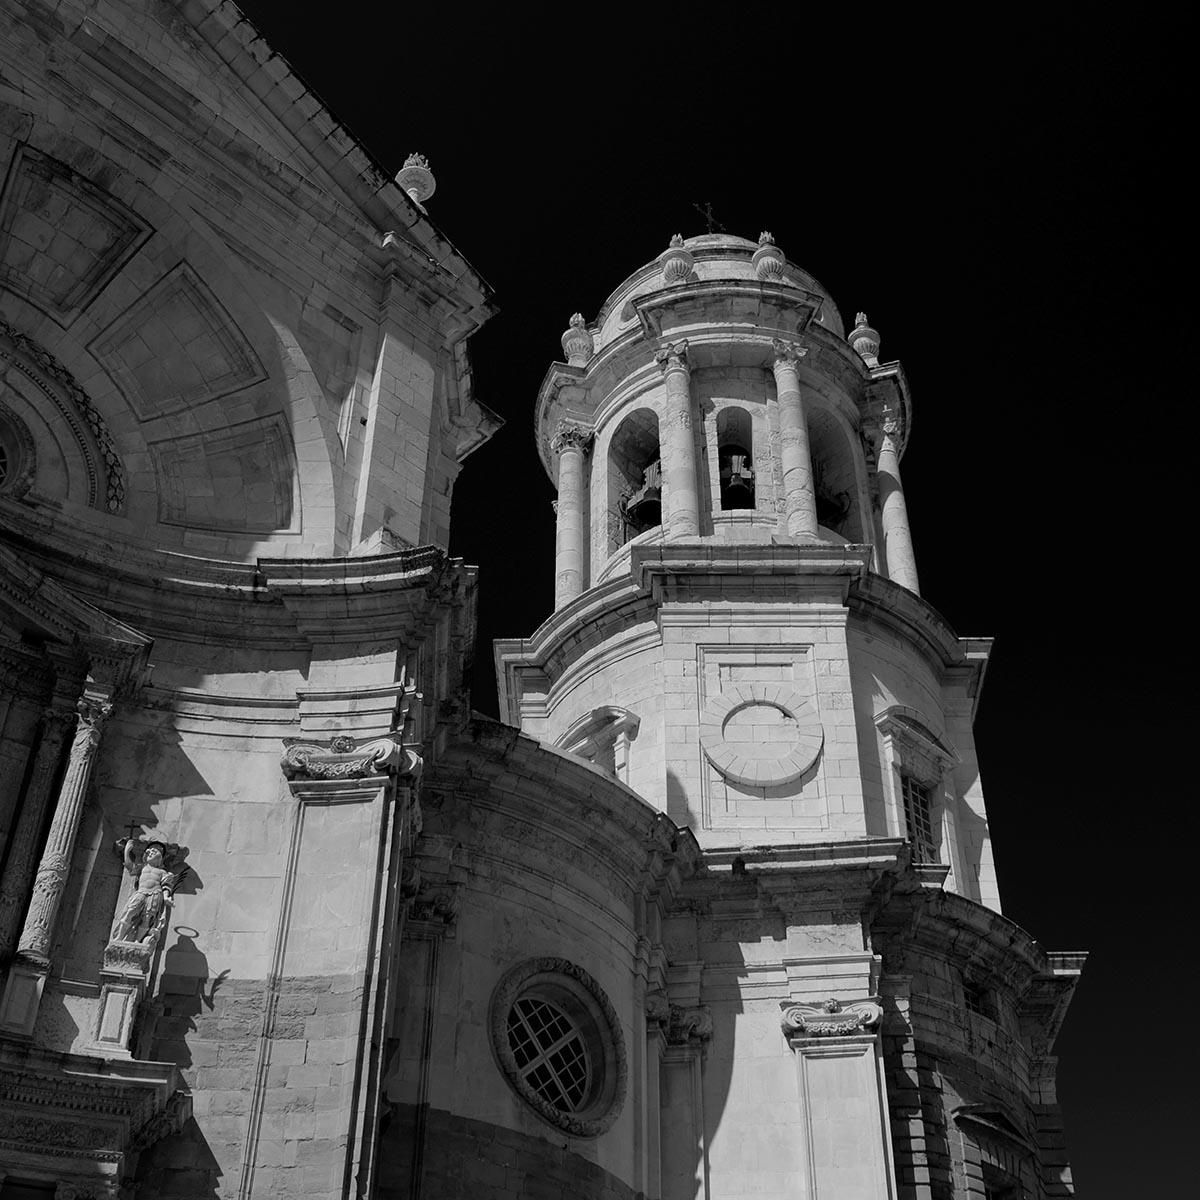 Free stock photo Santa Iglesia Church in Cadiz, Spain